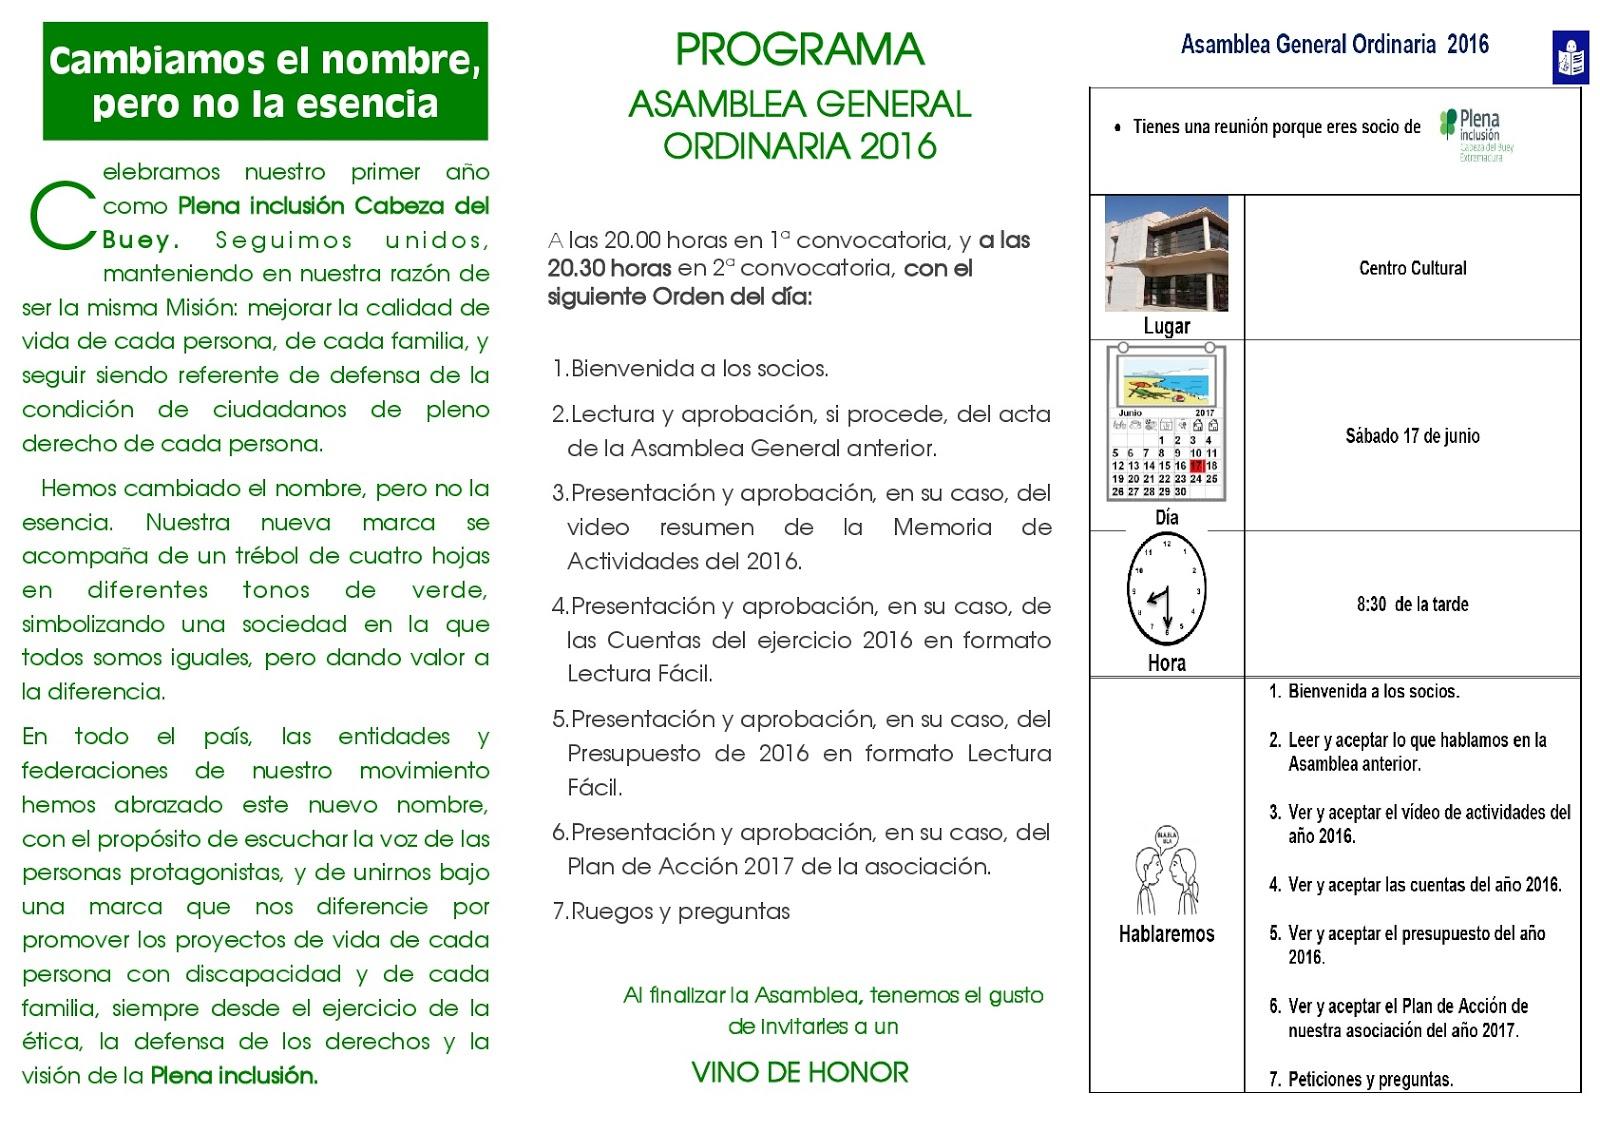 Plena inclusión Cabeza del Buey: ASAMBLEA GENERAL ORDINARIA